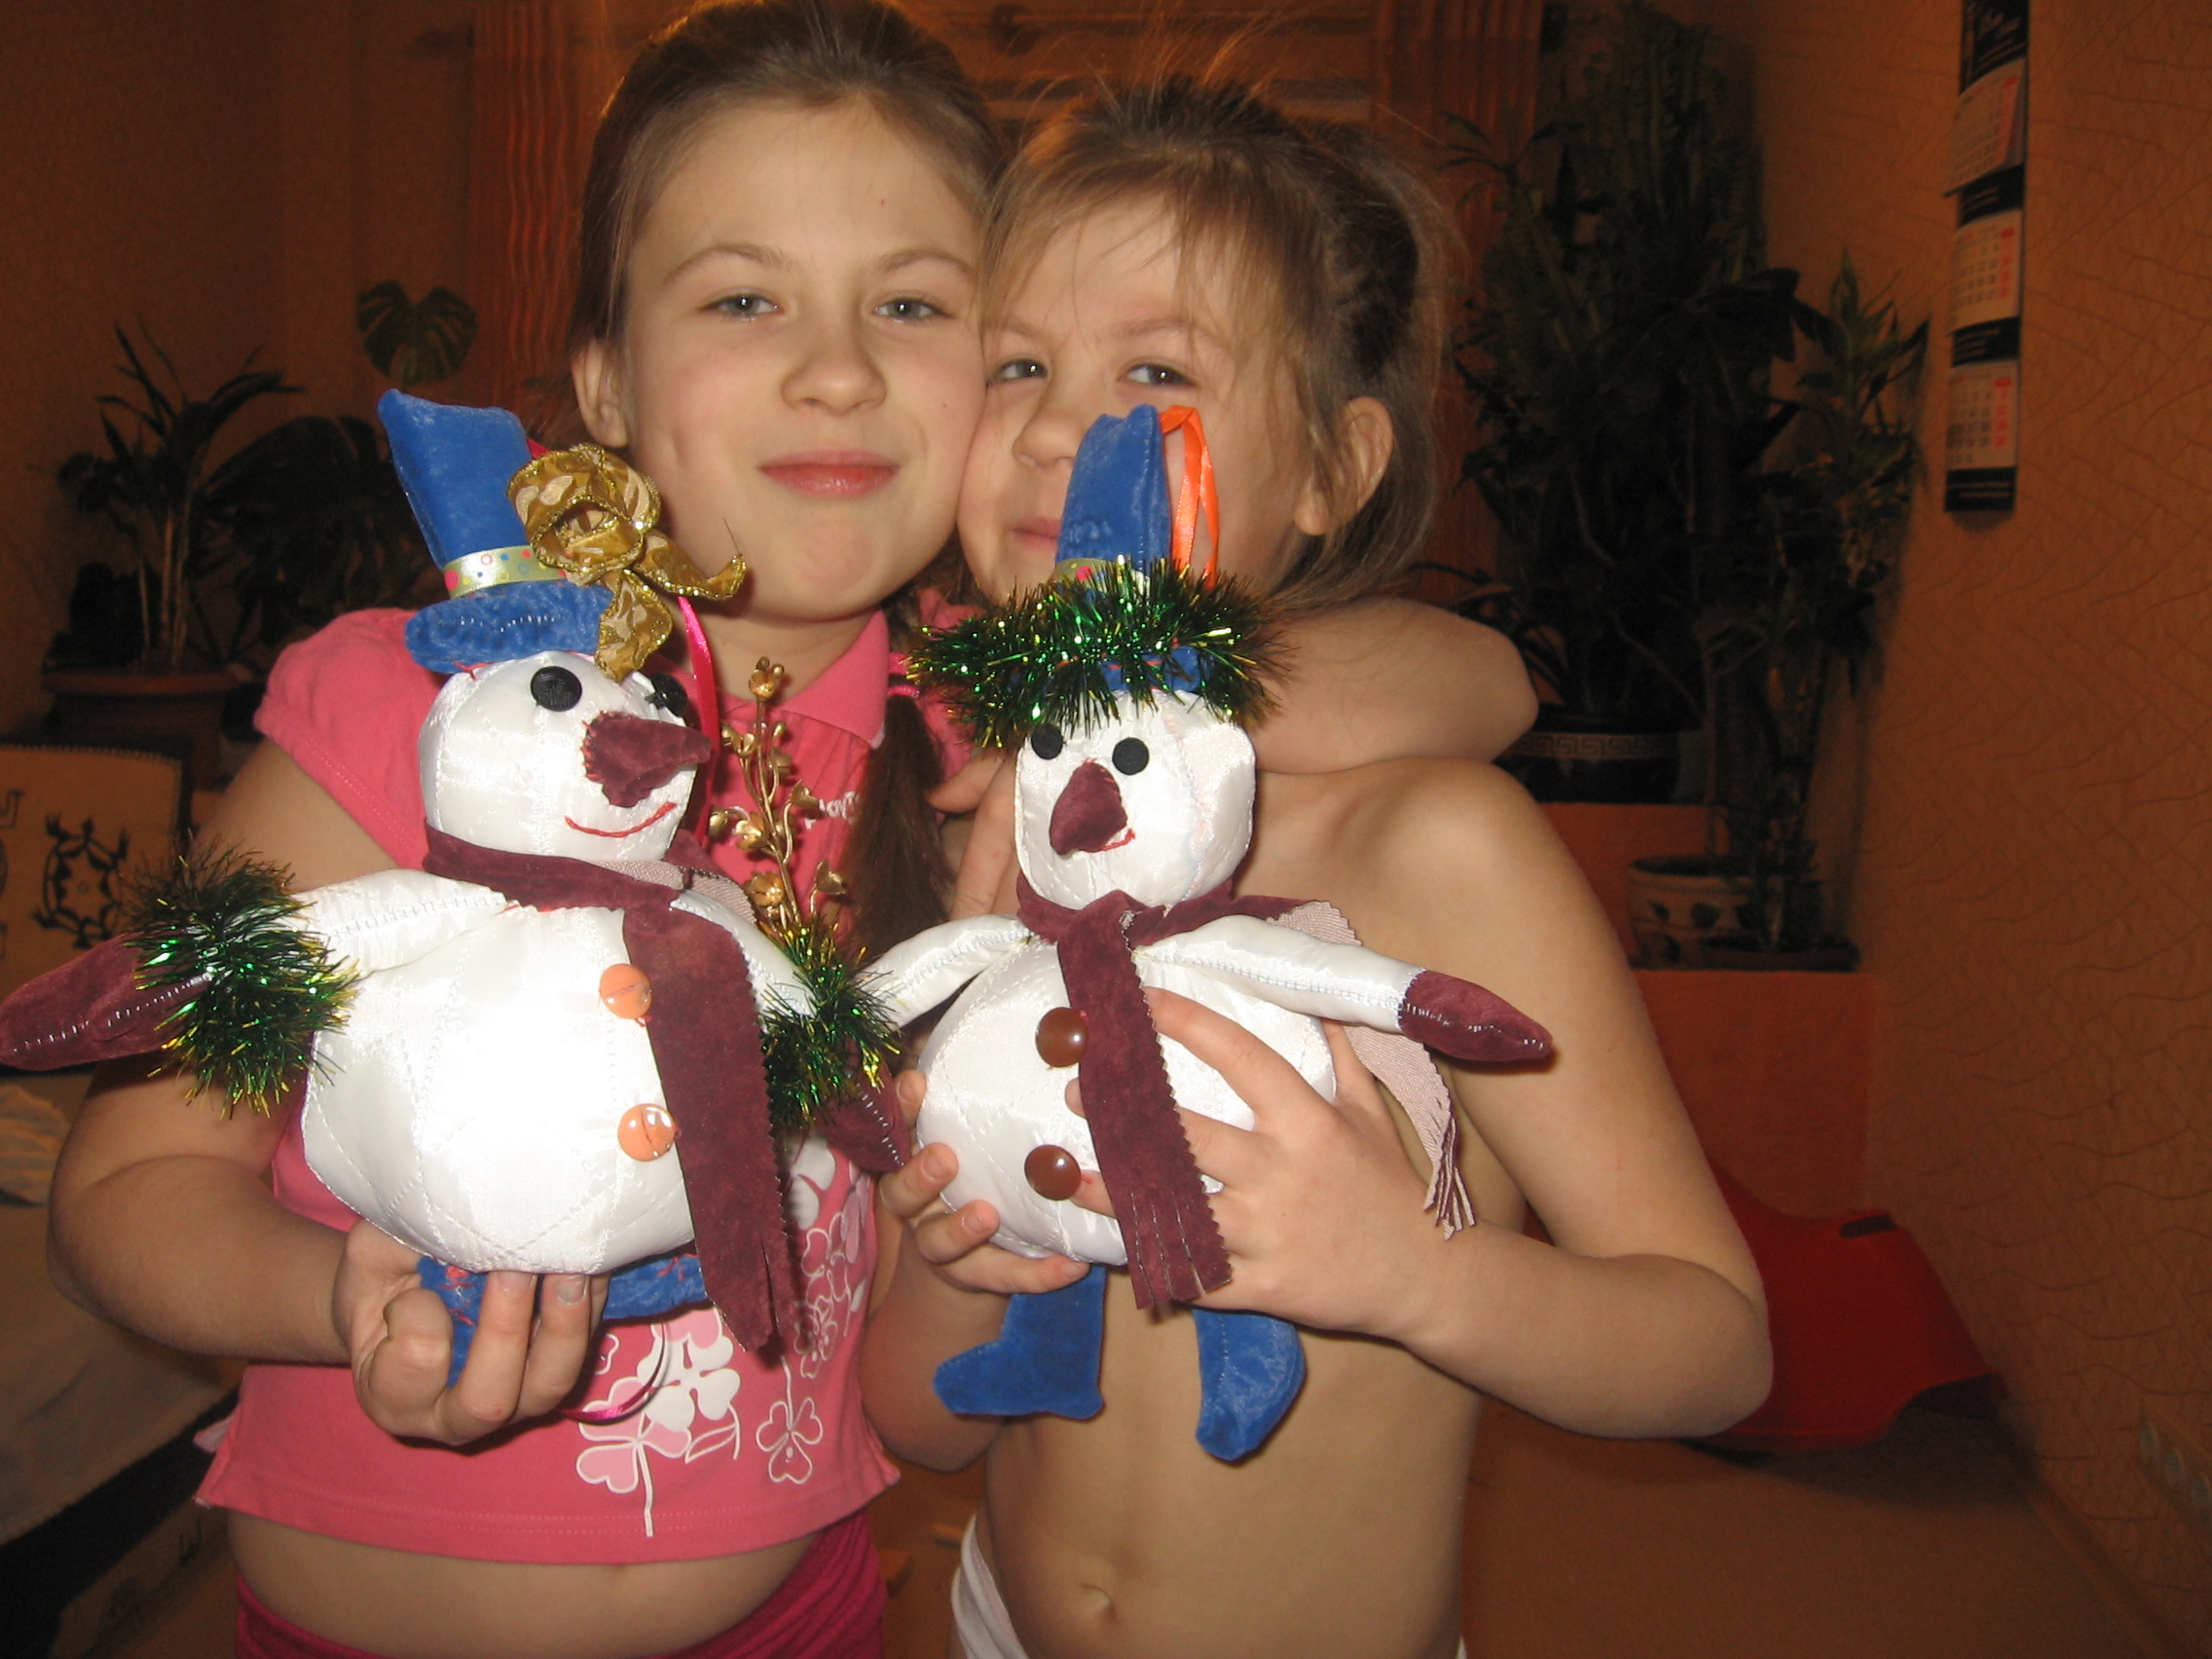 Фото молоденьких девочек частные 2 фотография